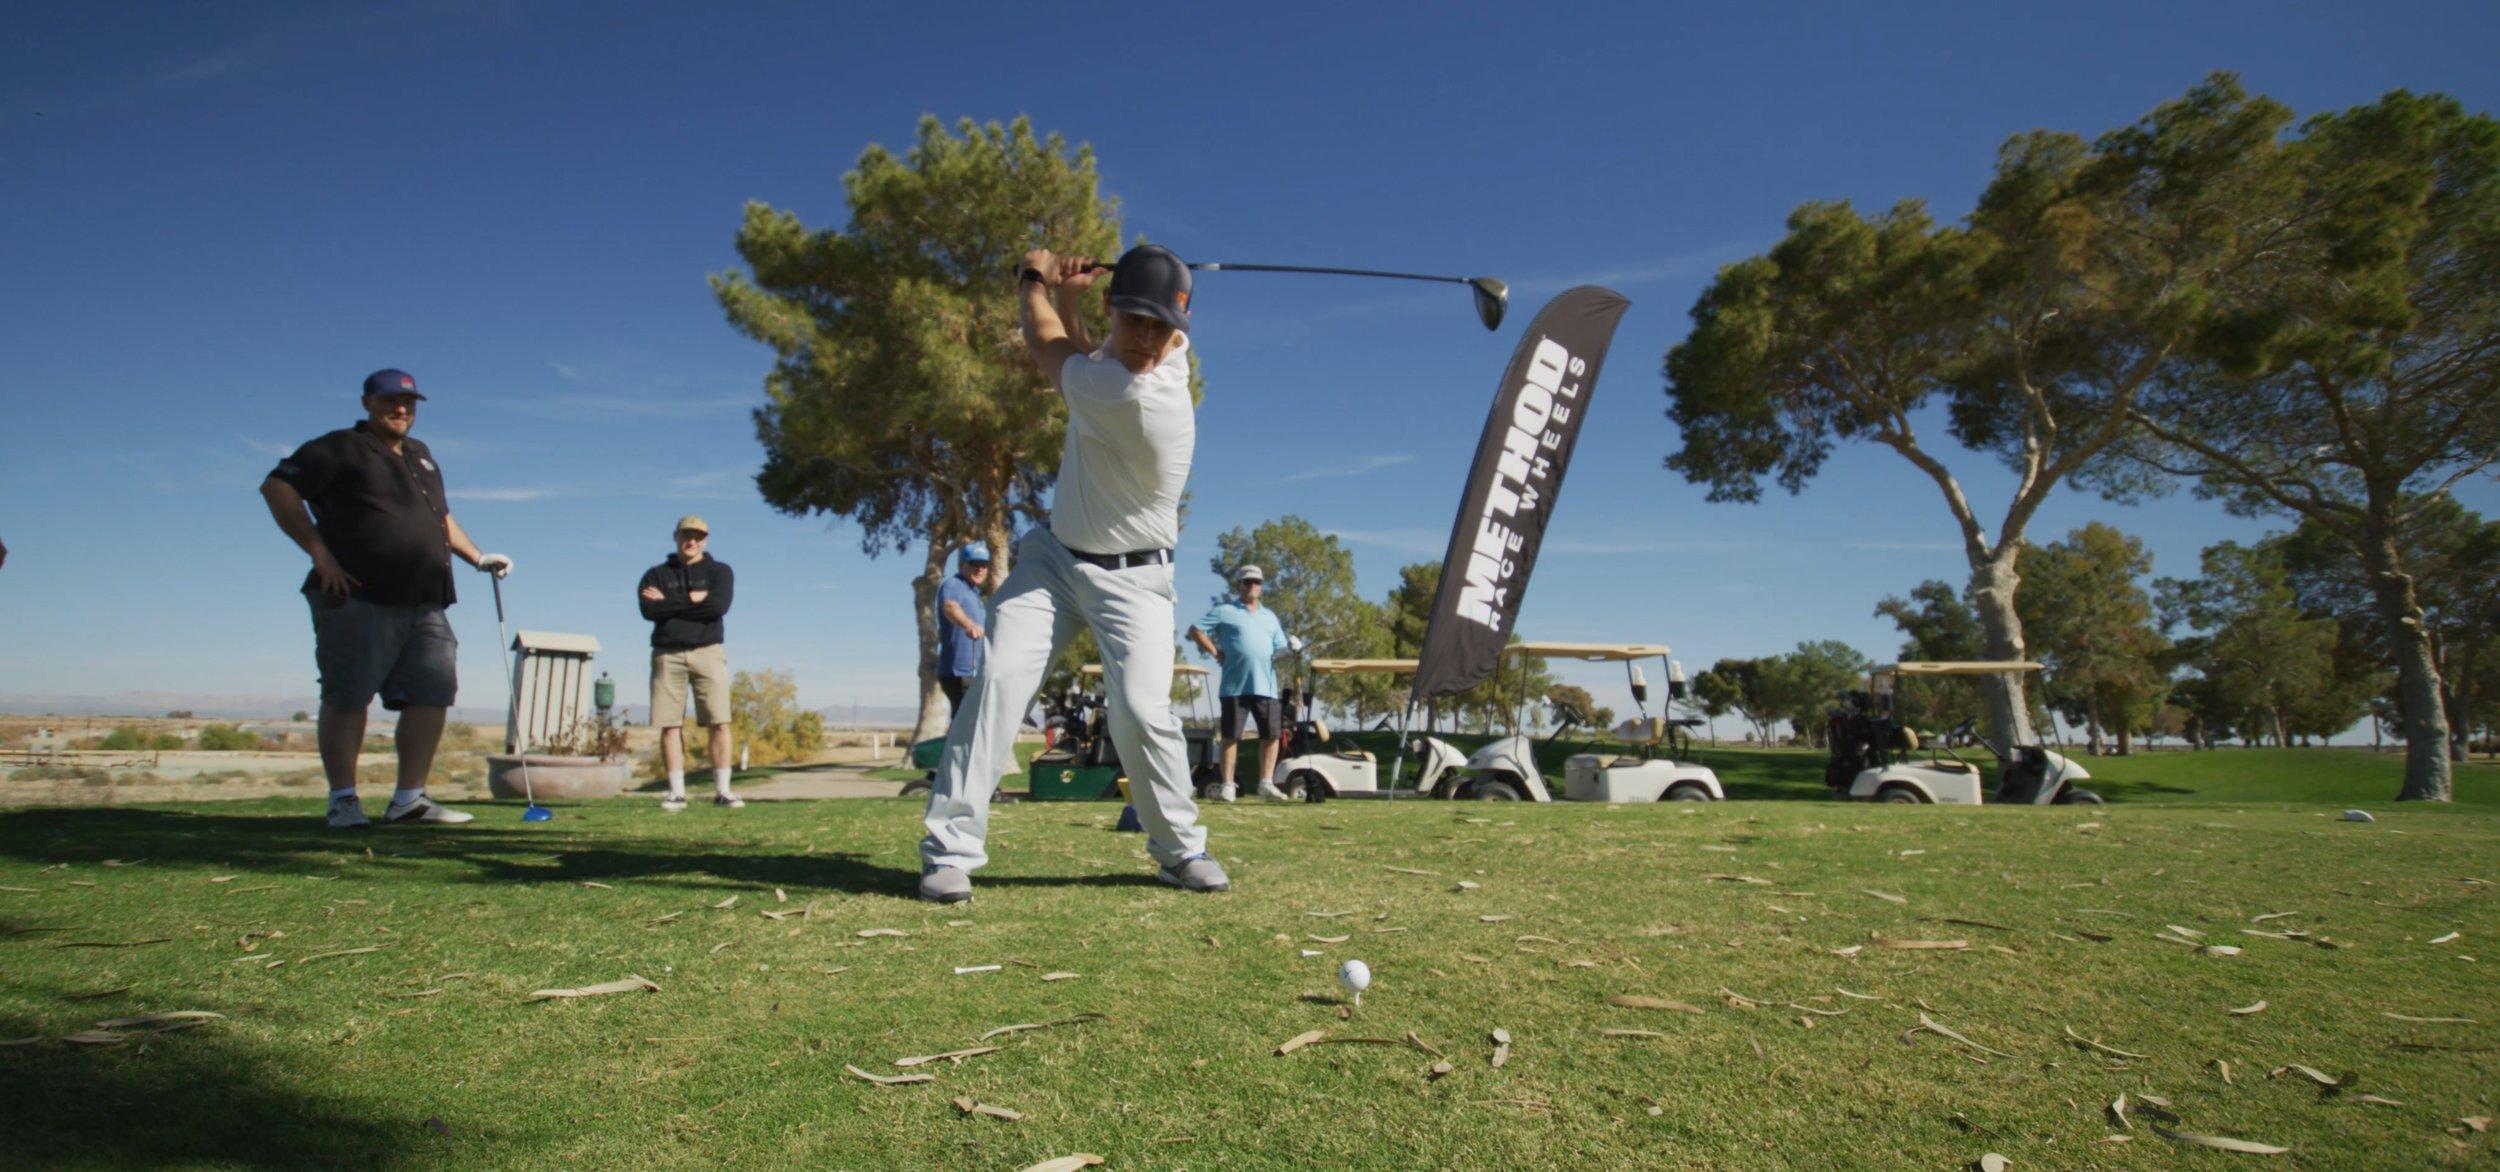 Golf Frames _2.2.3.jpg